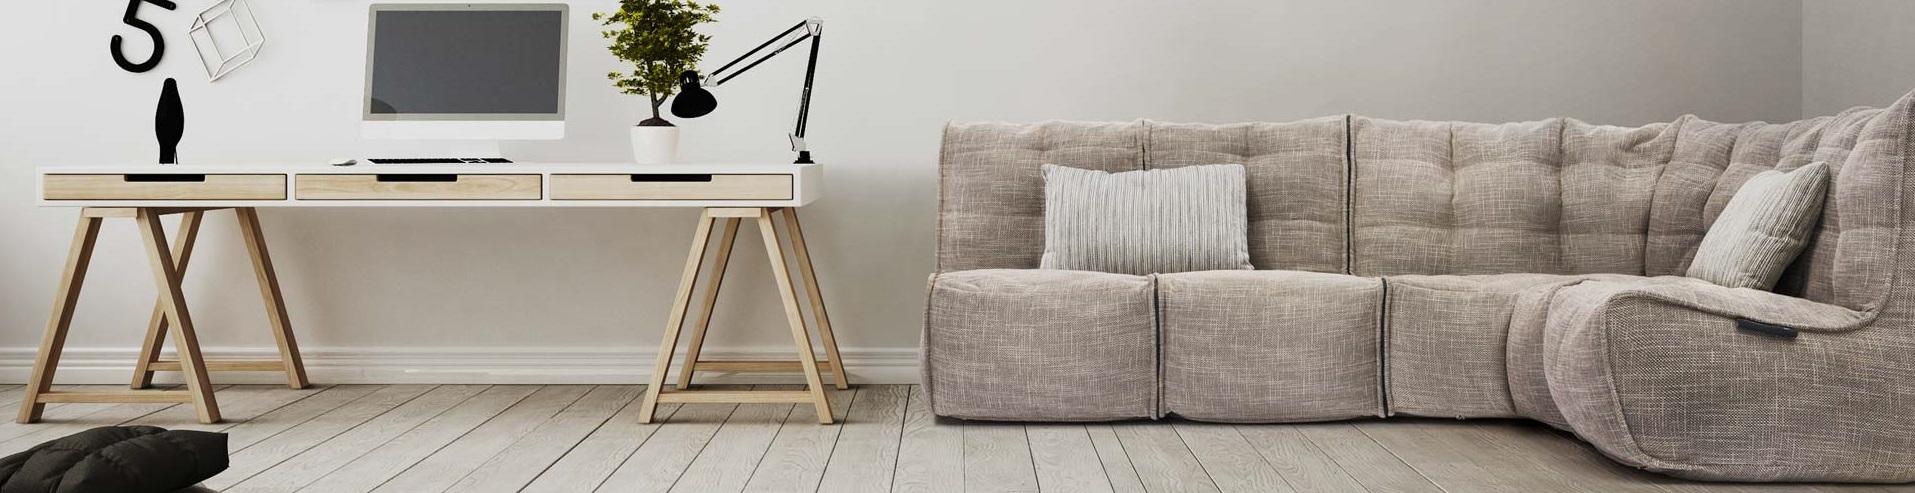 Кейс по контекстной рекламы в розничного продавца мебели